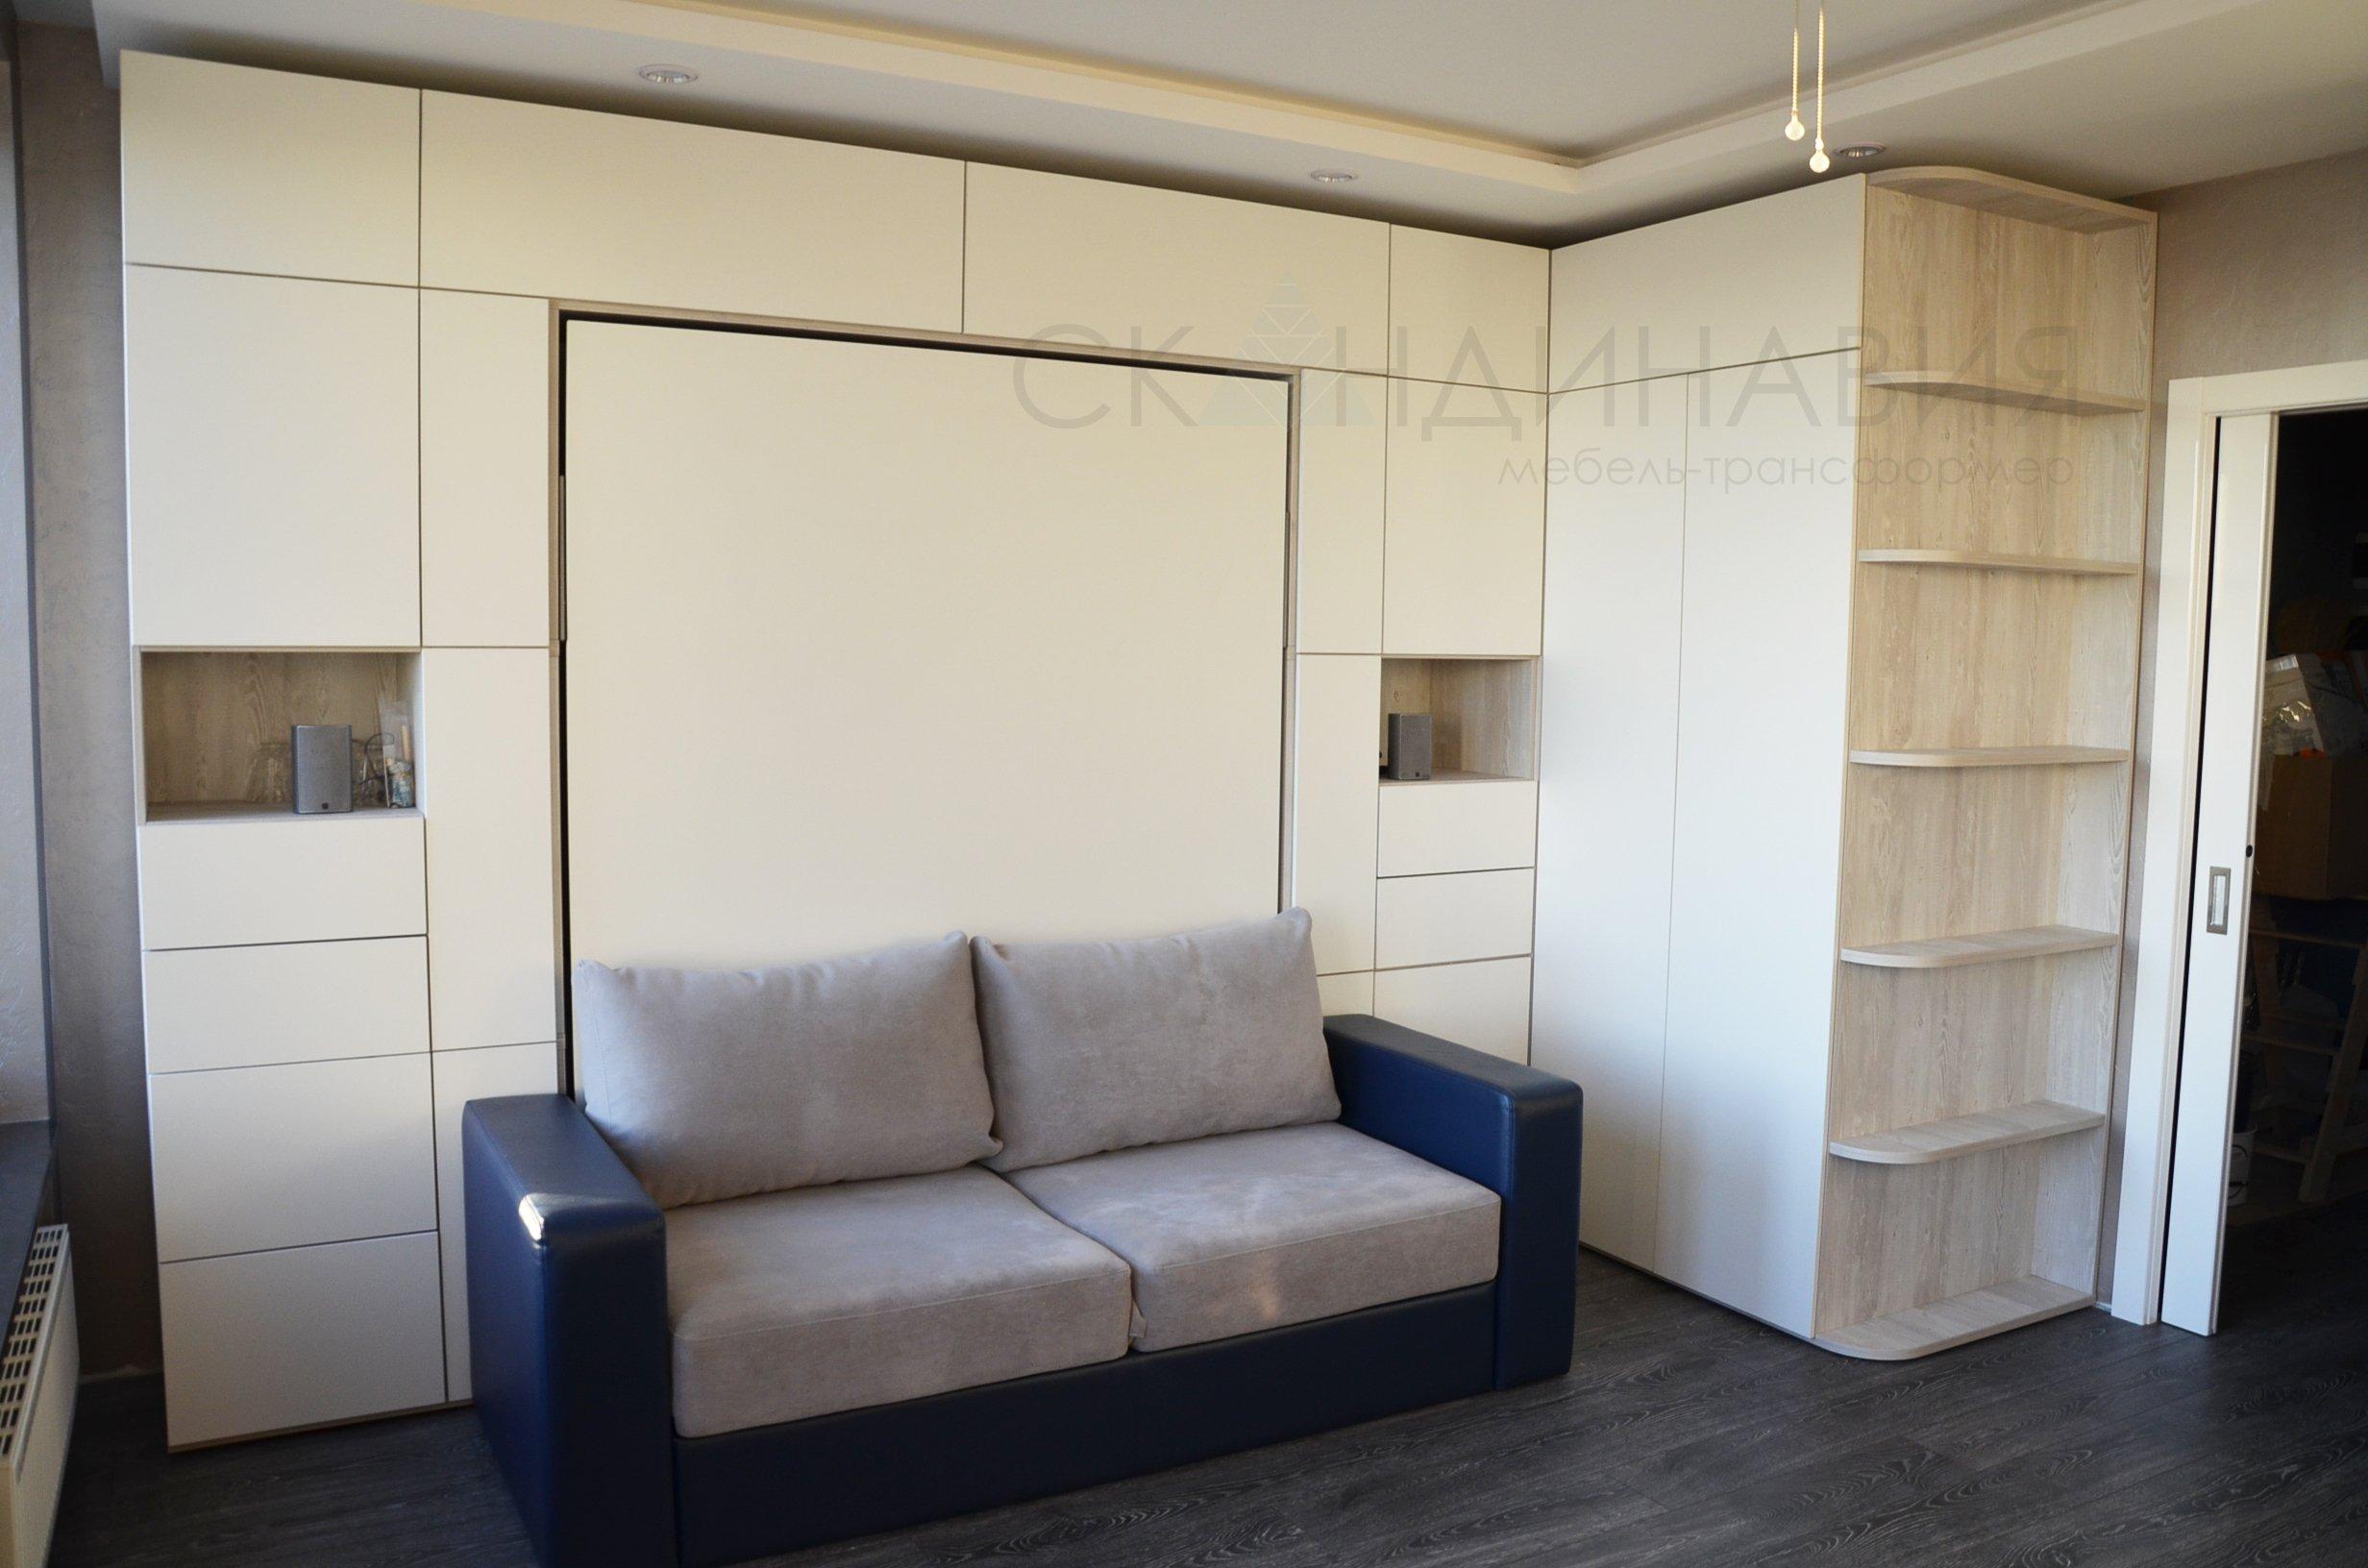 Шкаф-кровать с диваном и угловой системой хранения